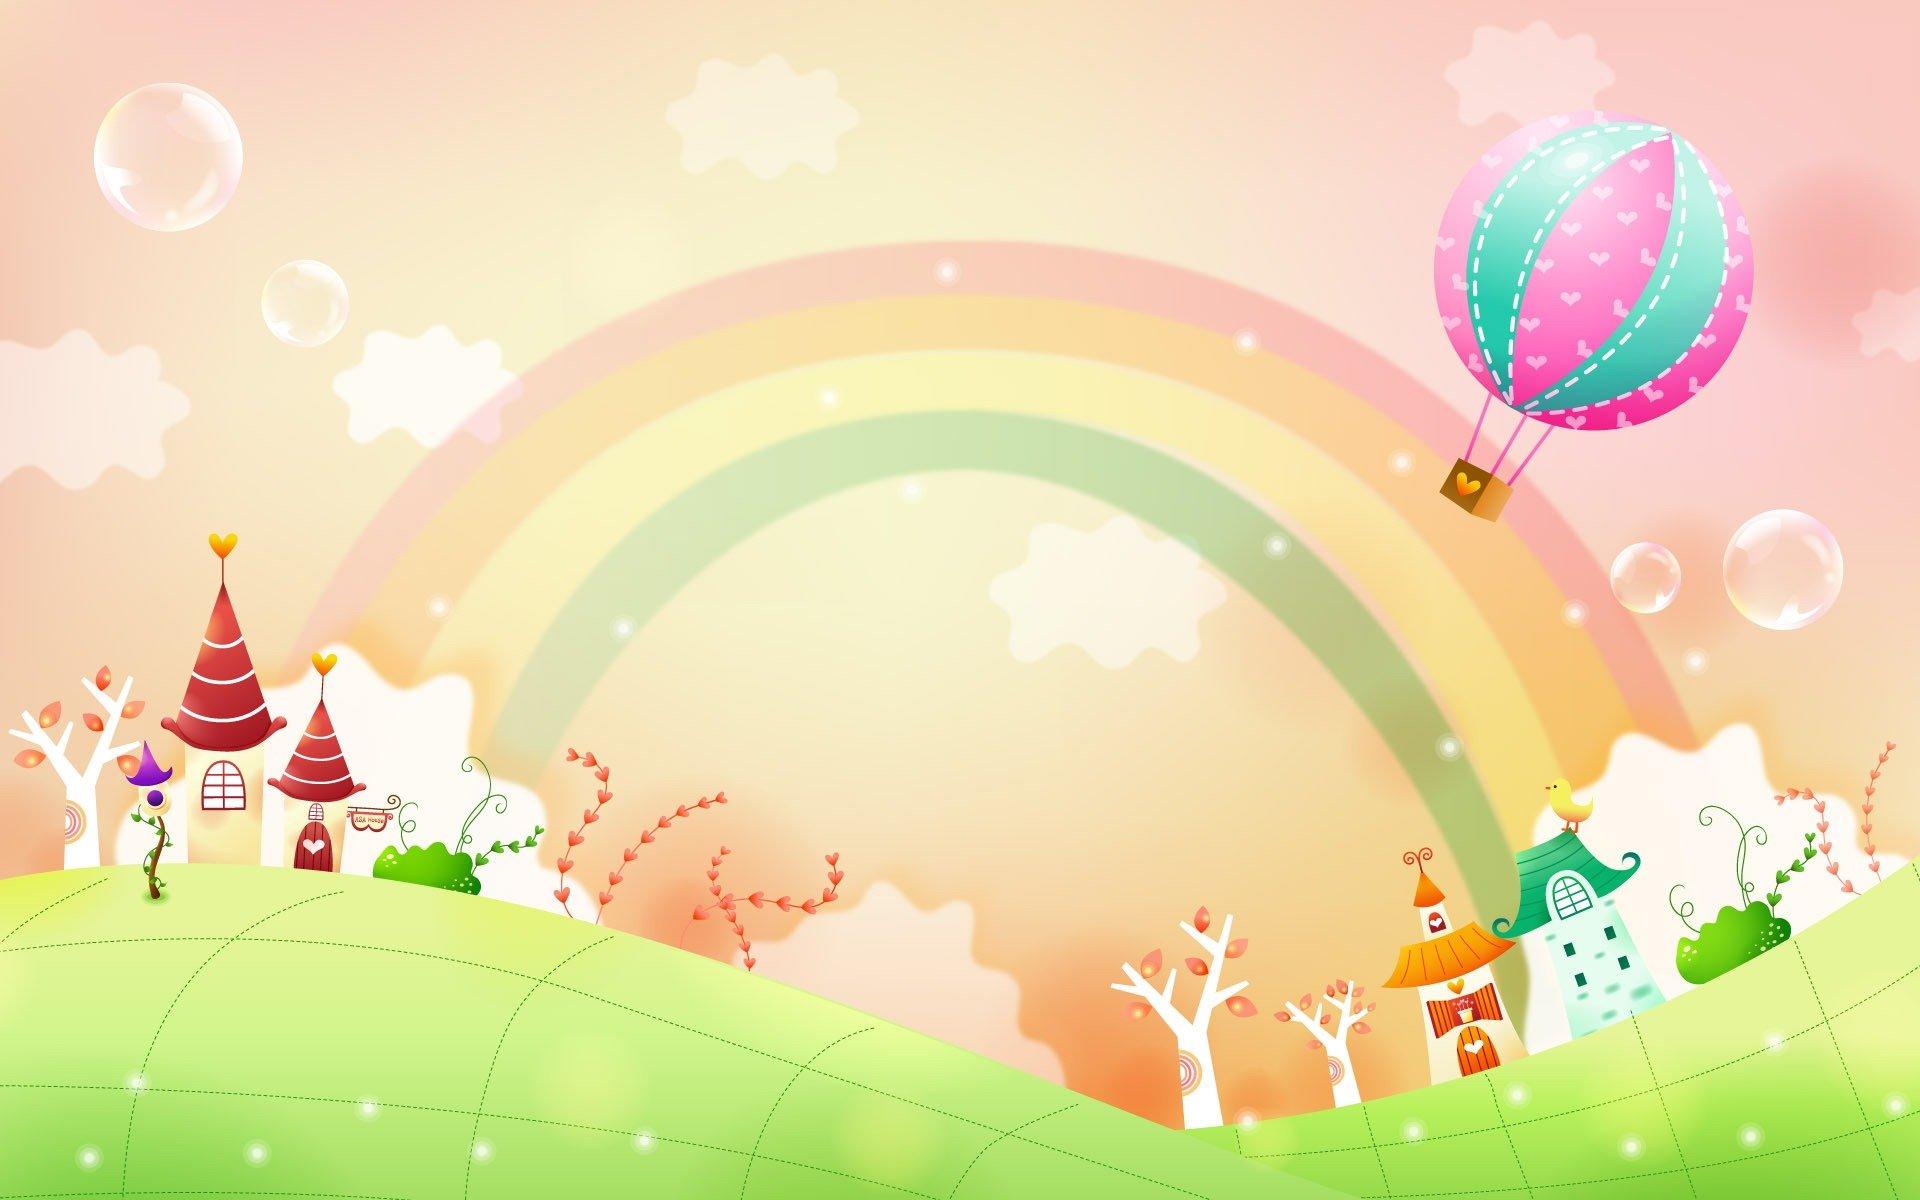 Картинки для темы сайта детского сада